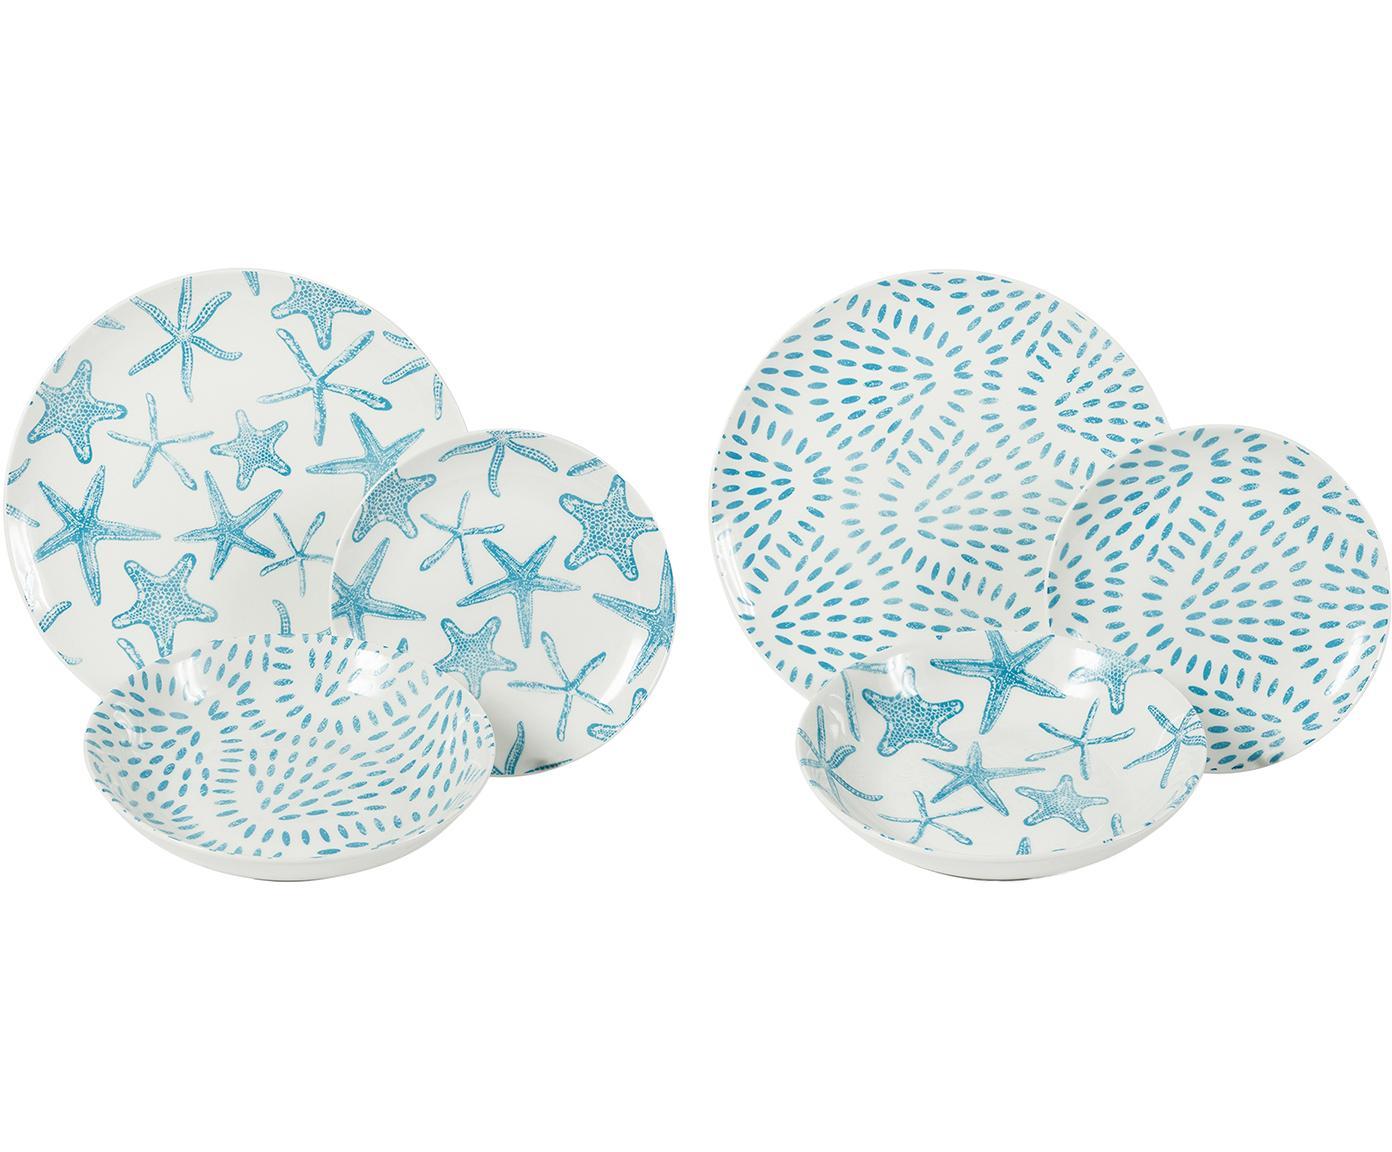 Vajilla Playa, 6comensales (18pzas.), Porcelana, Azul, blanco, Tamaños diferentes